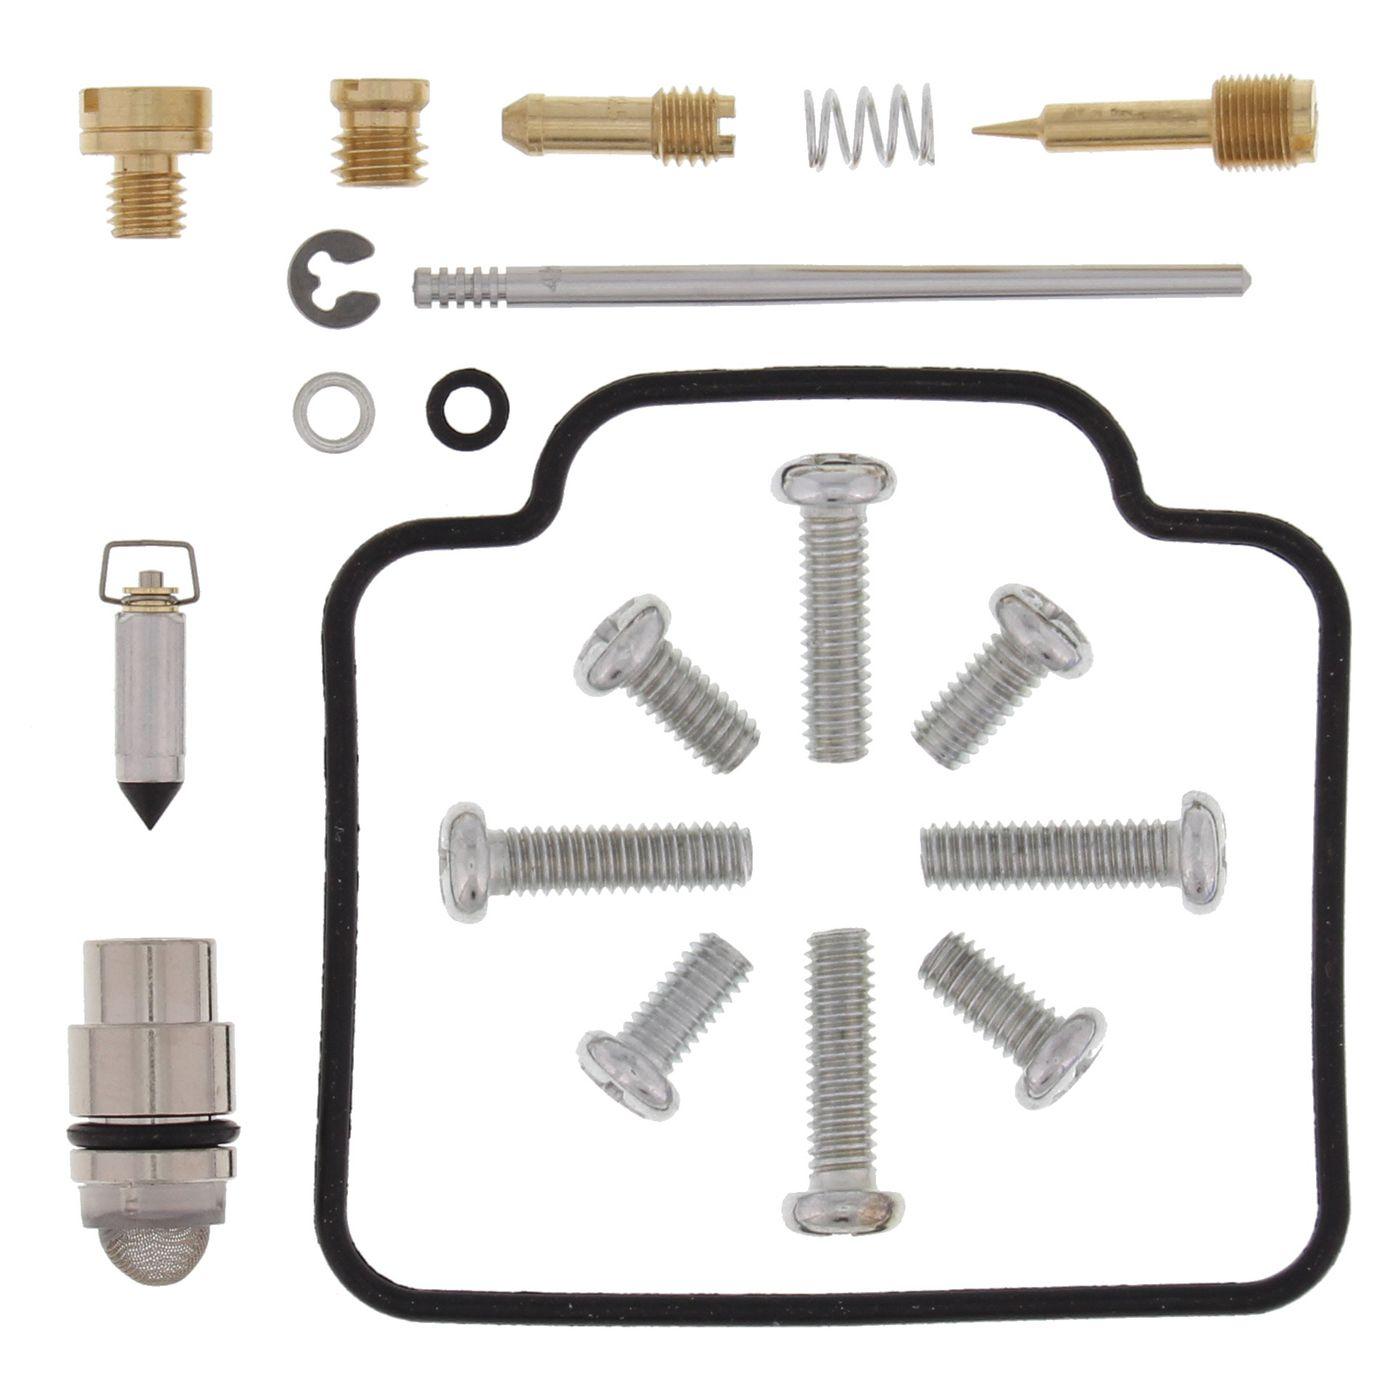 Wrp Carb Repair Kits - WRP261030 image